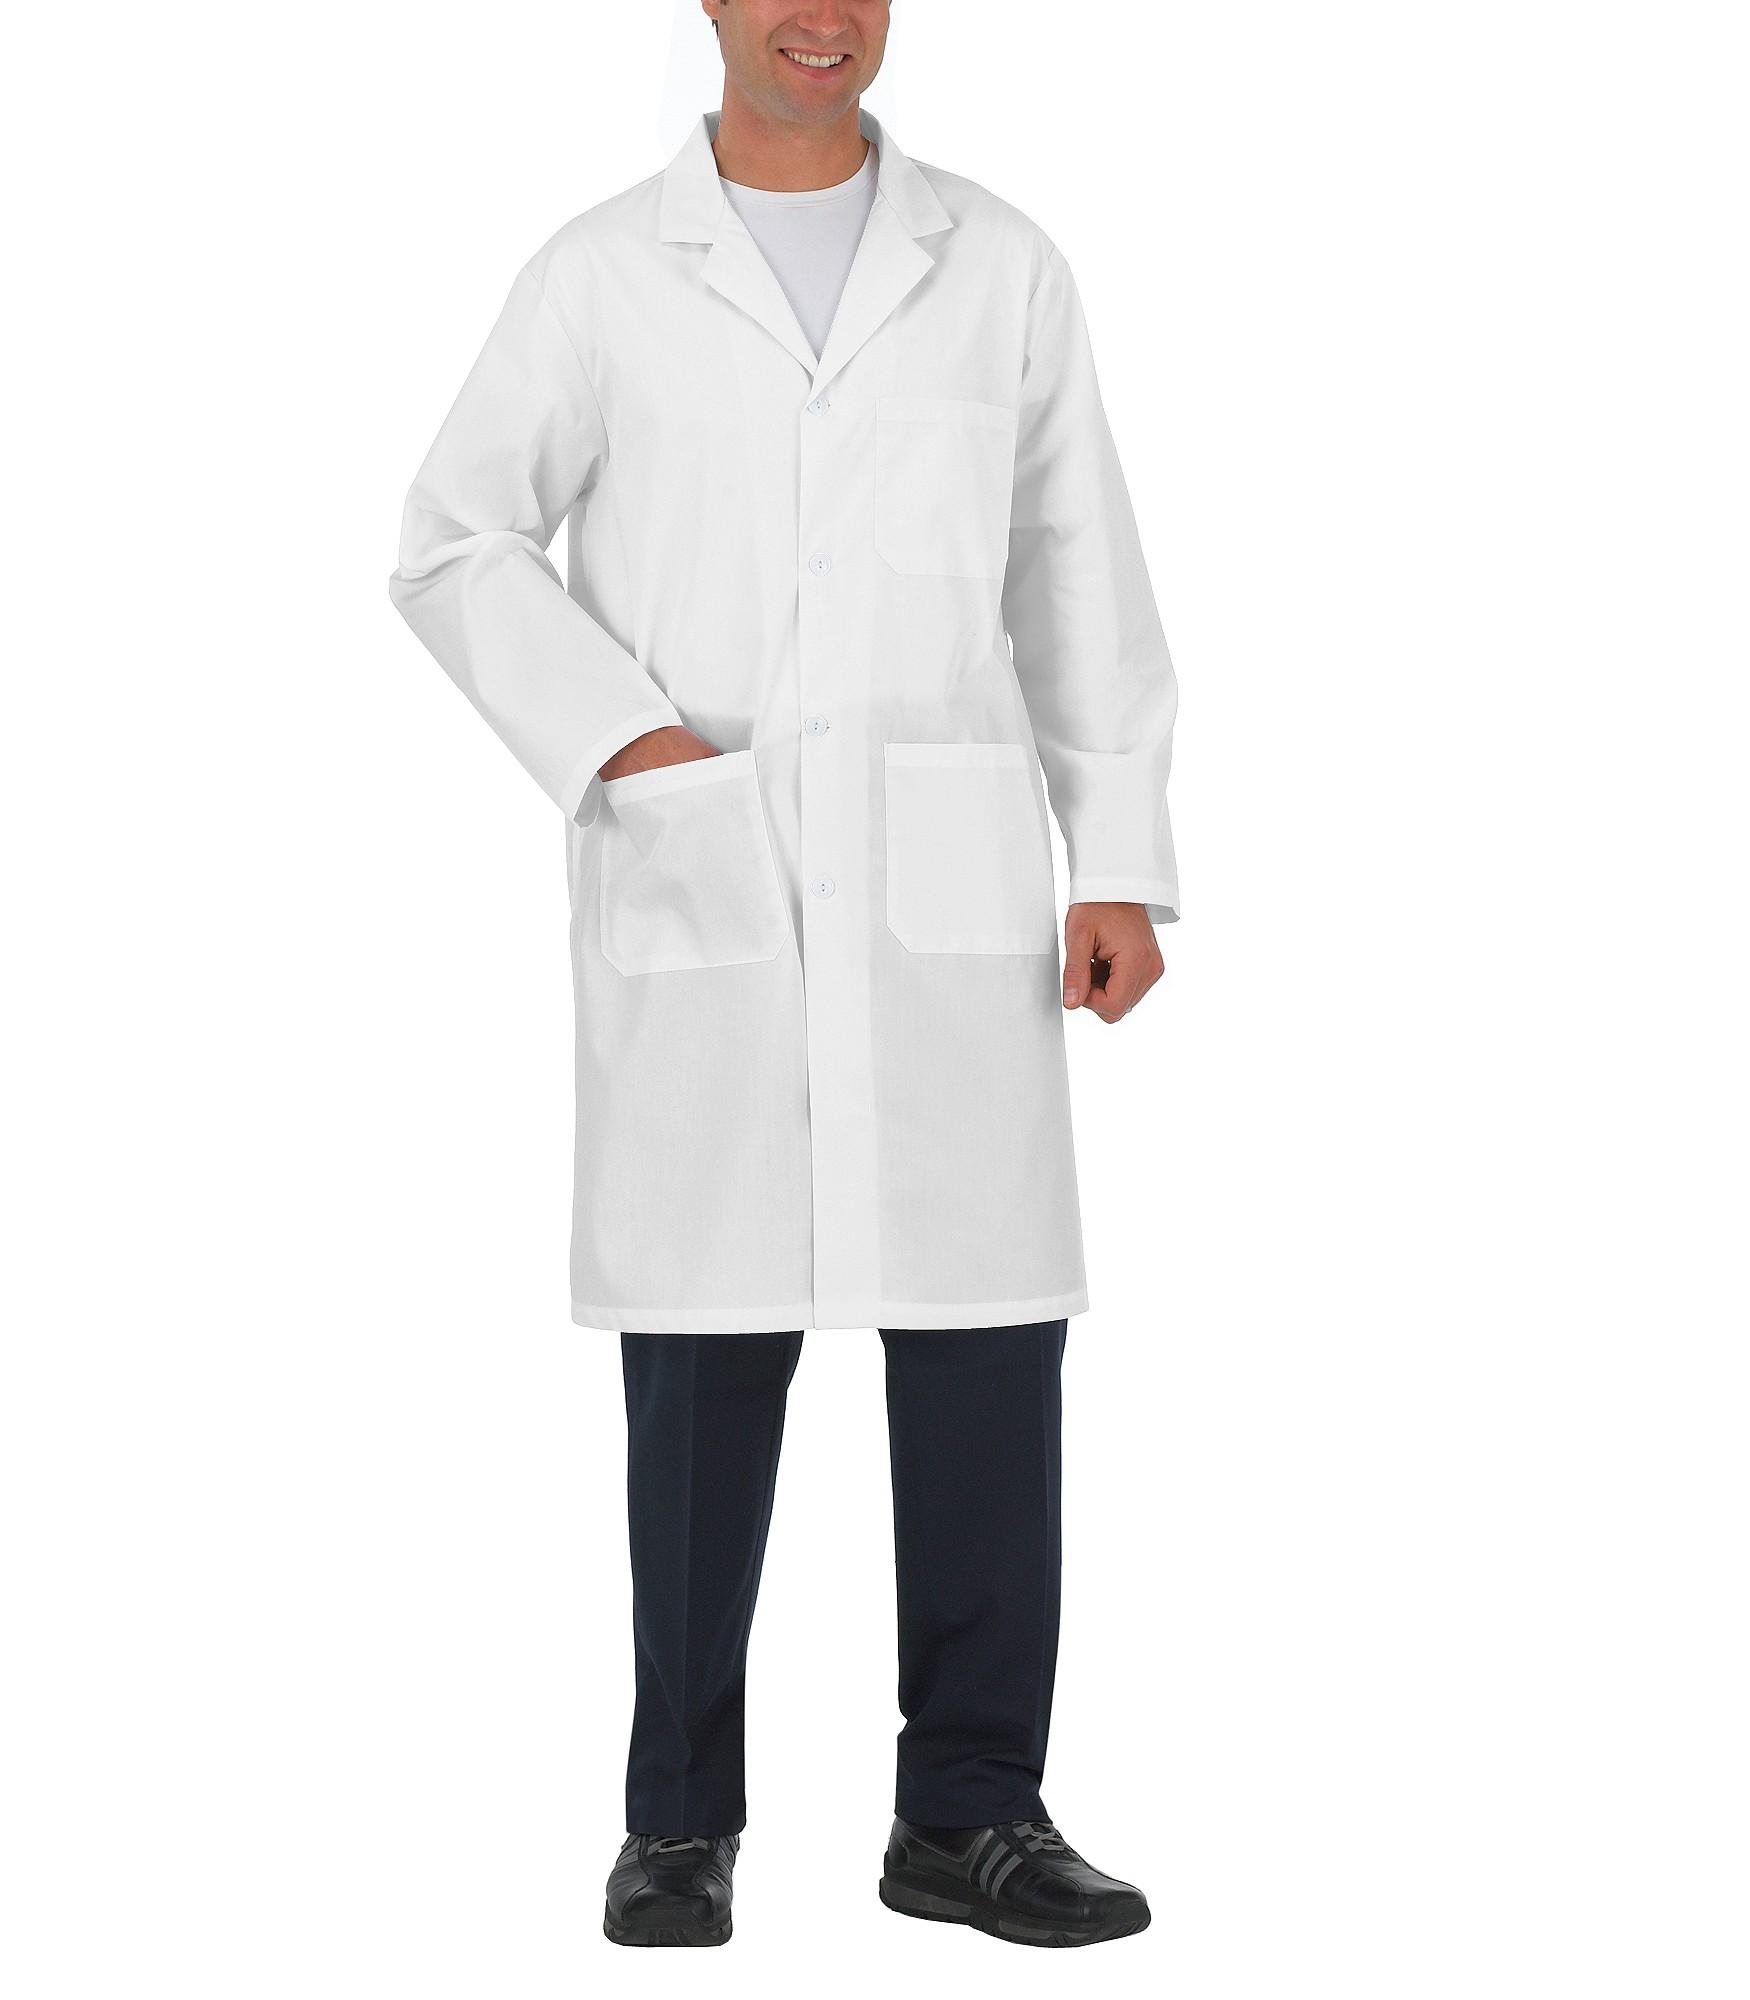 Amp Ca Premium Uniform Button Closure Lab Coat